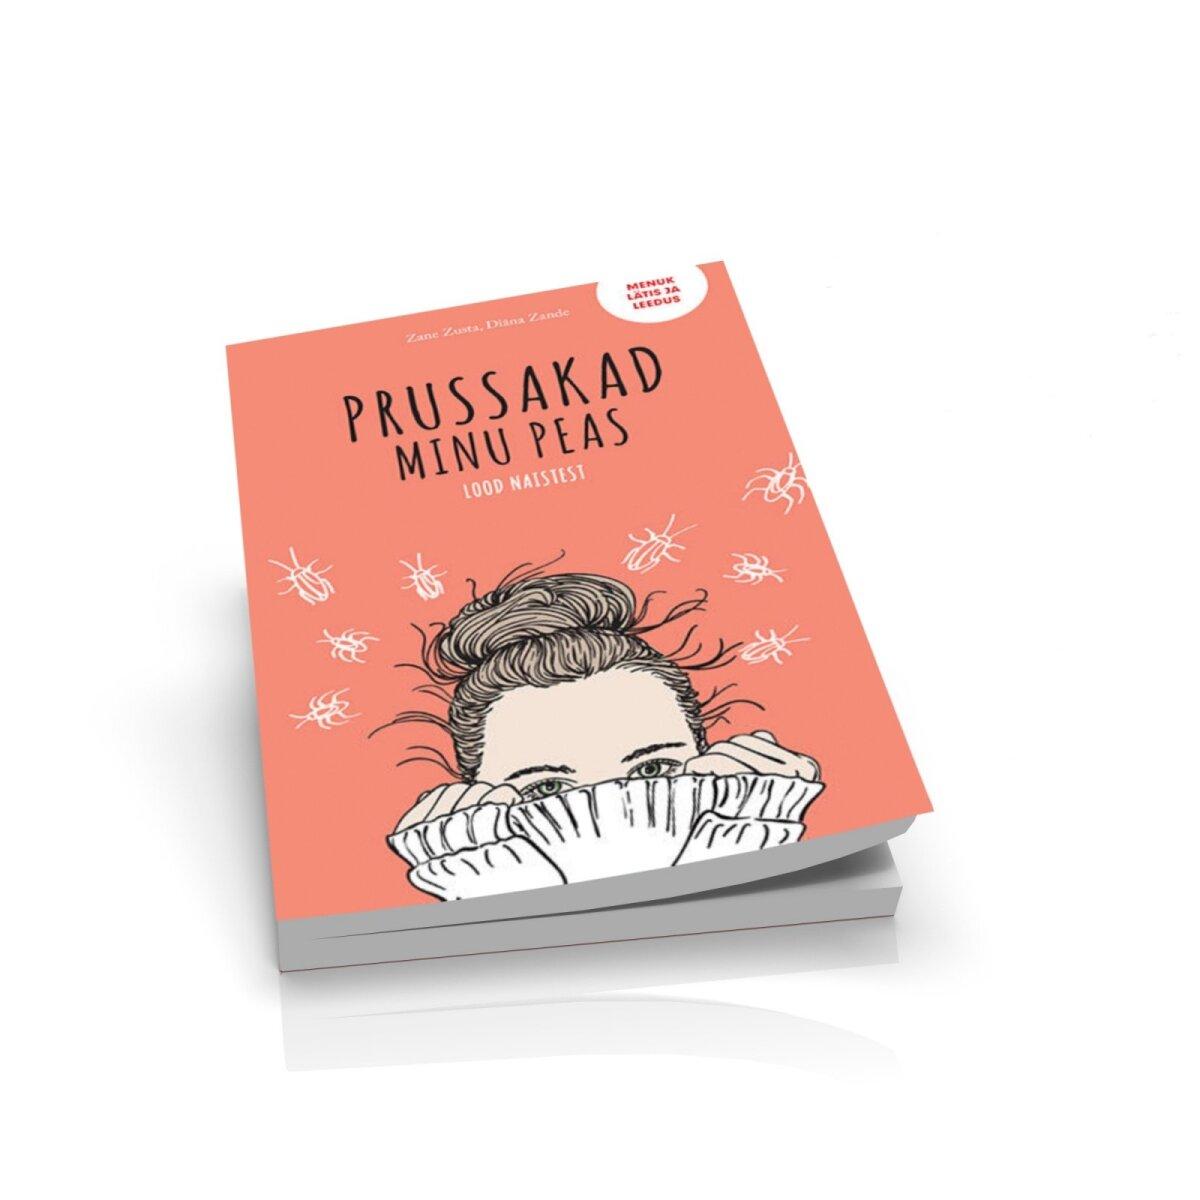 """Raamat """"Prussakad minu peas. Lood naistest""""."""